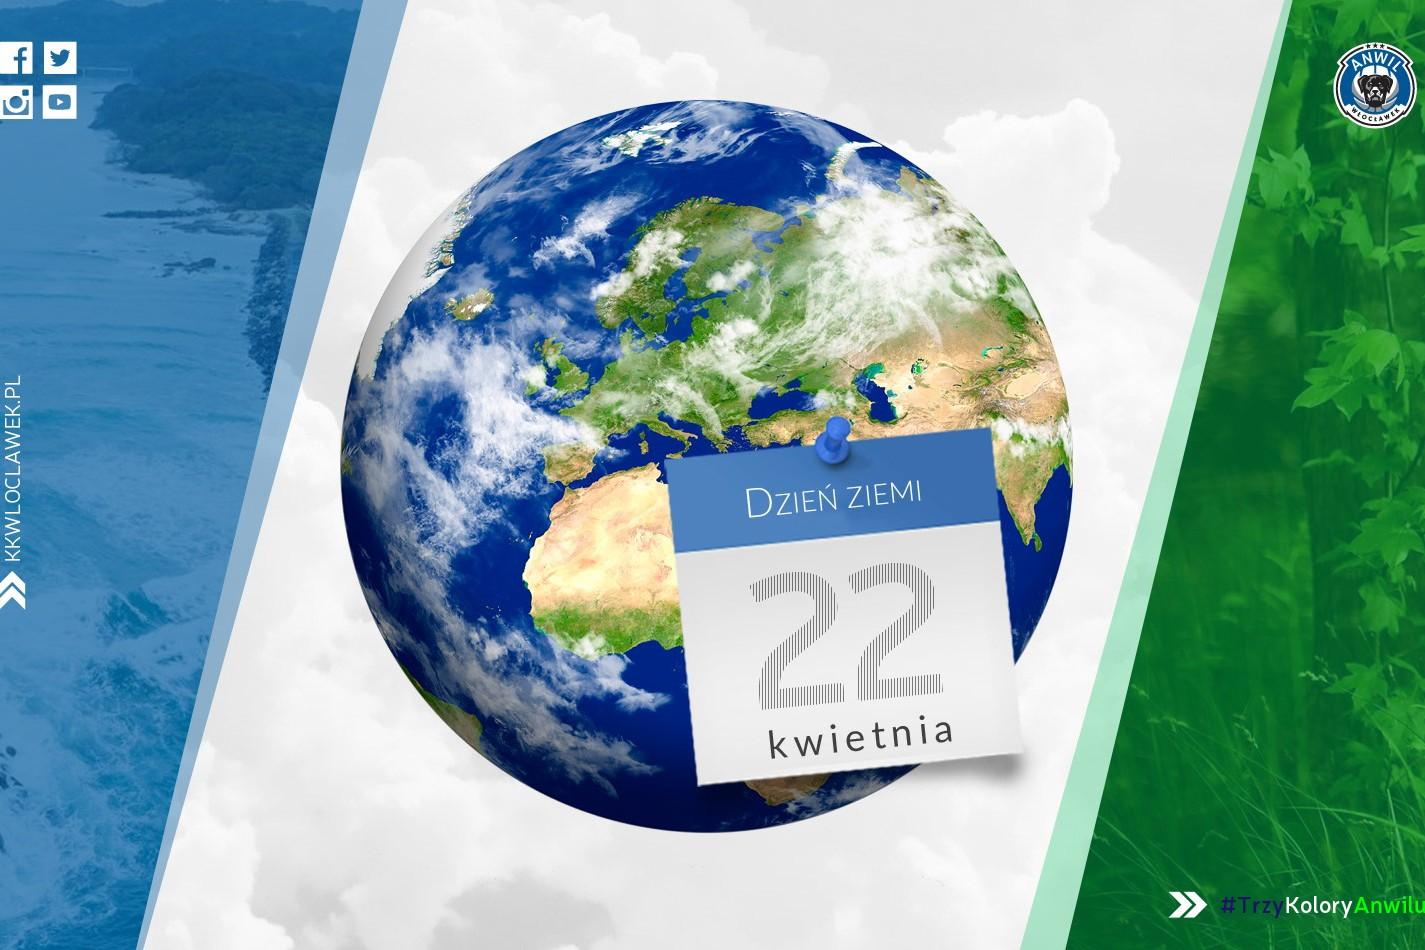 Trzy Kolory Anwilu – dbamy o środowisko!